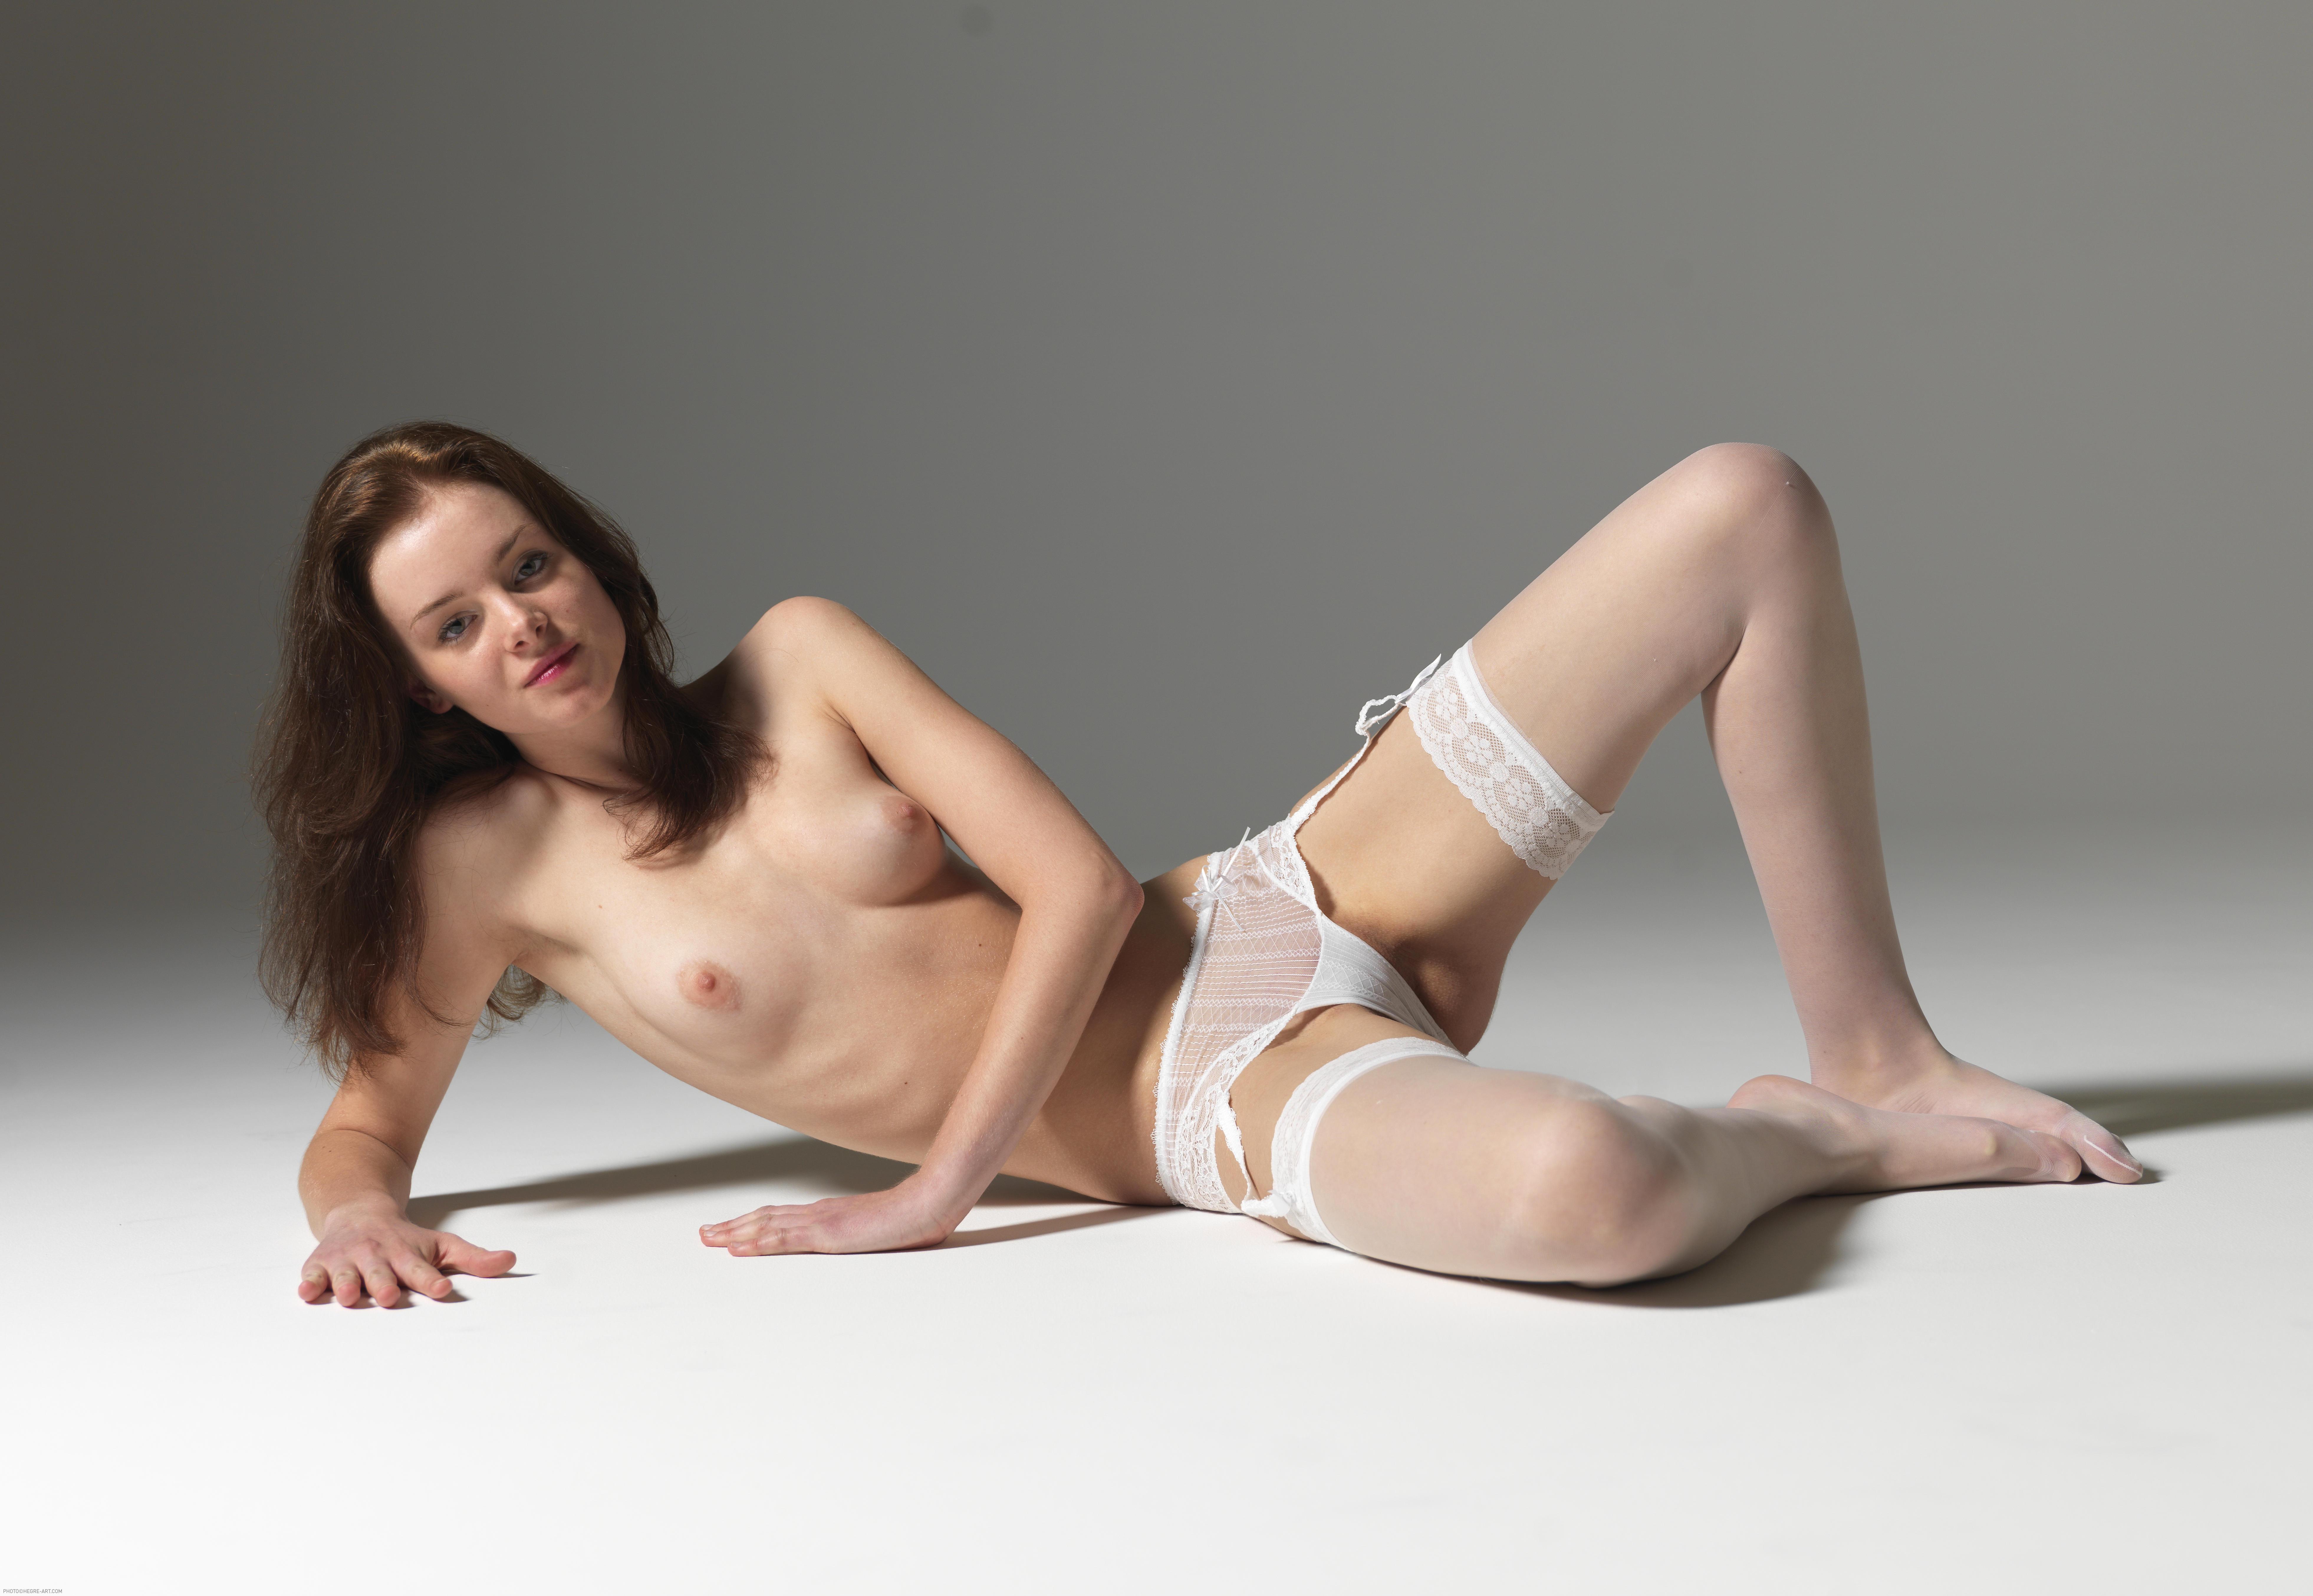 Ally White Innocence 2010 04 03 008 xxxxl